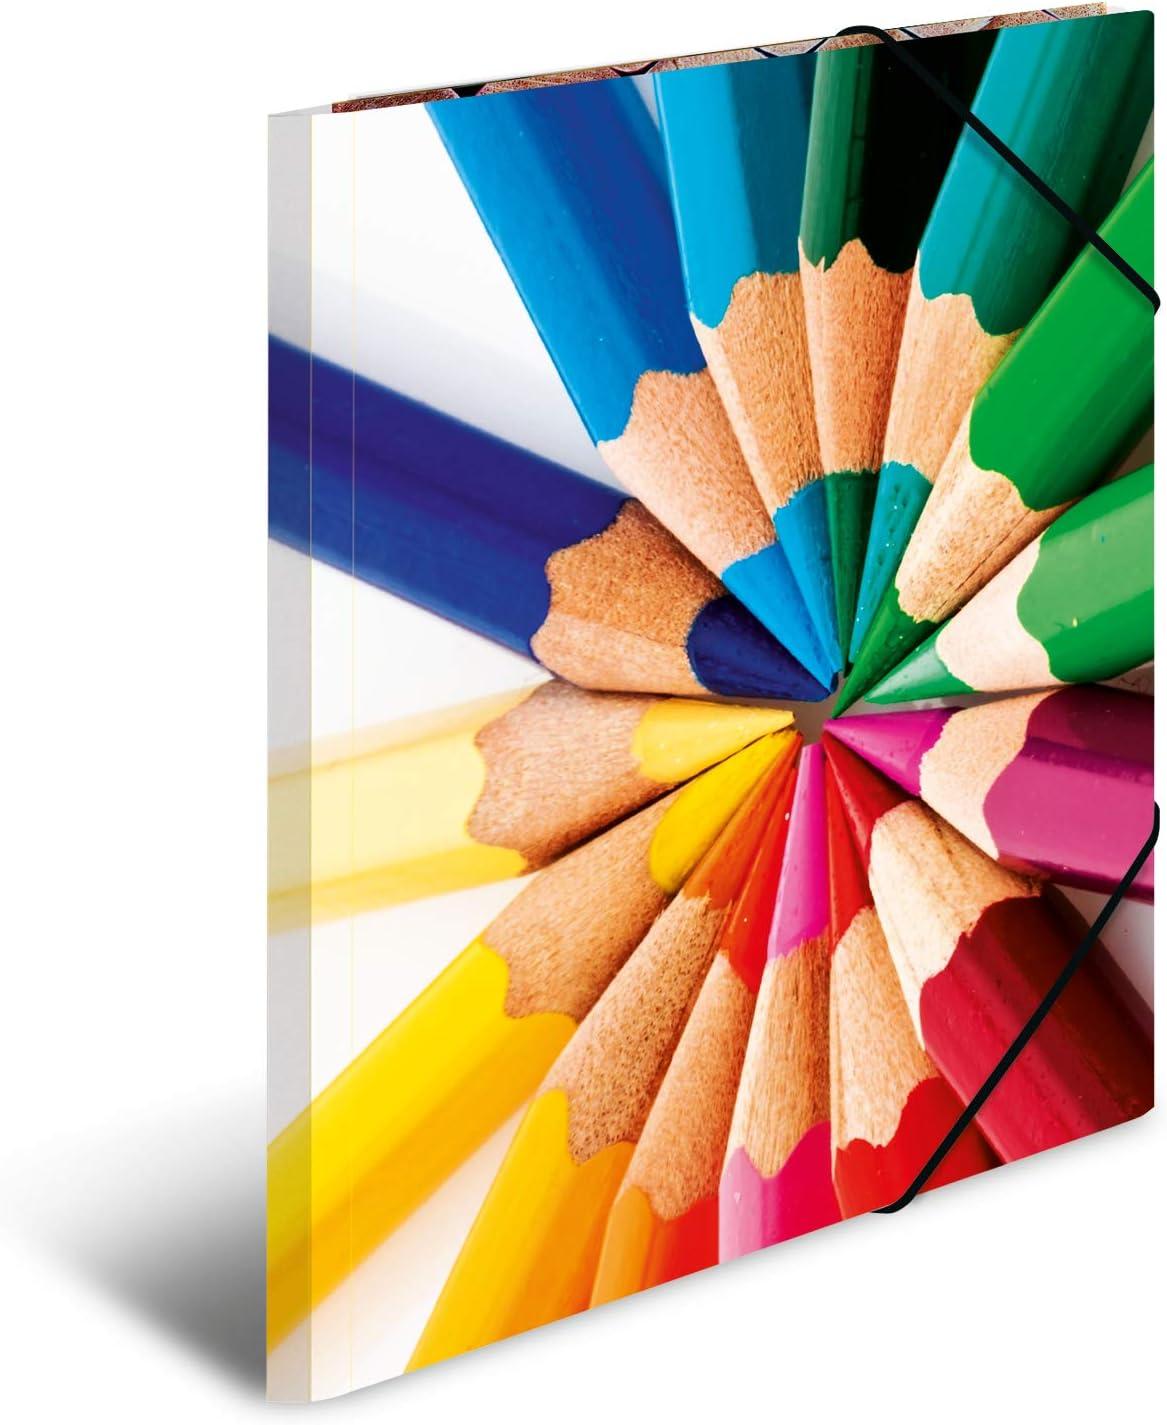 Herma Sael /à anneaux impressions DIN Carton MotifCrayons Format A3 1 pi/èce